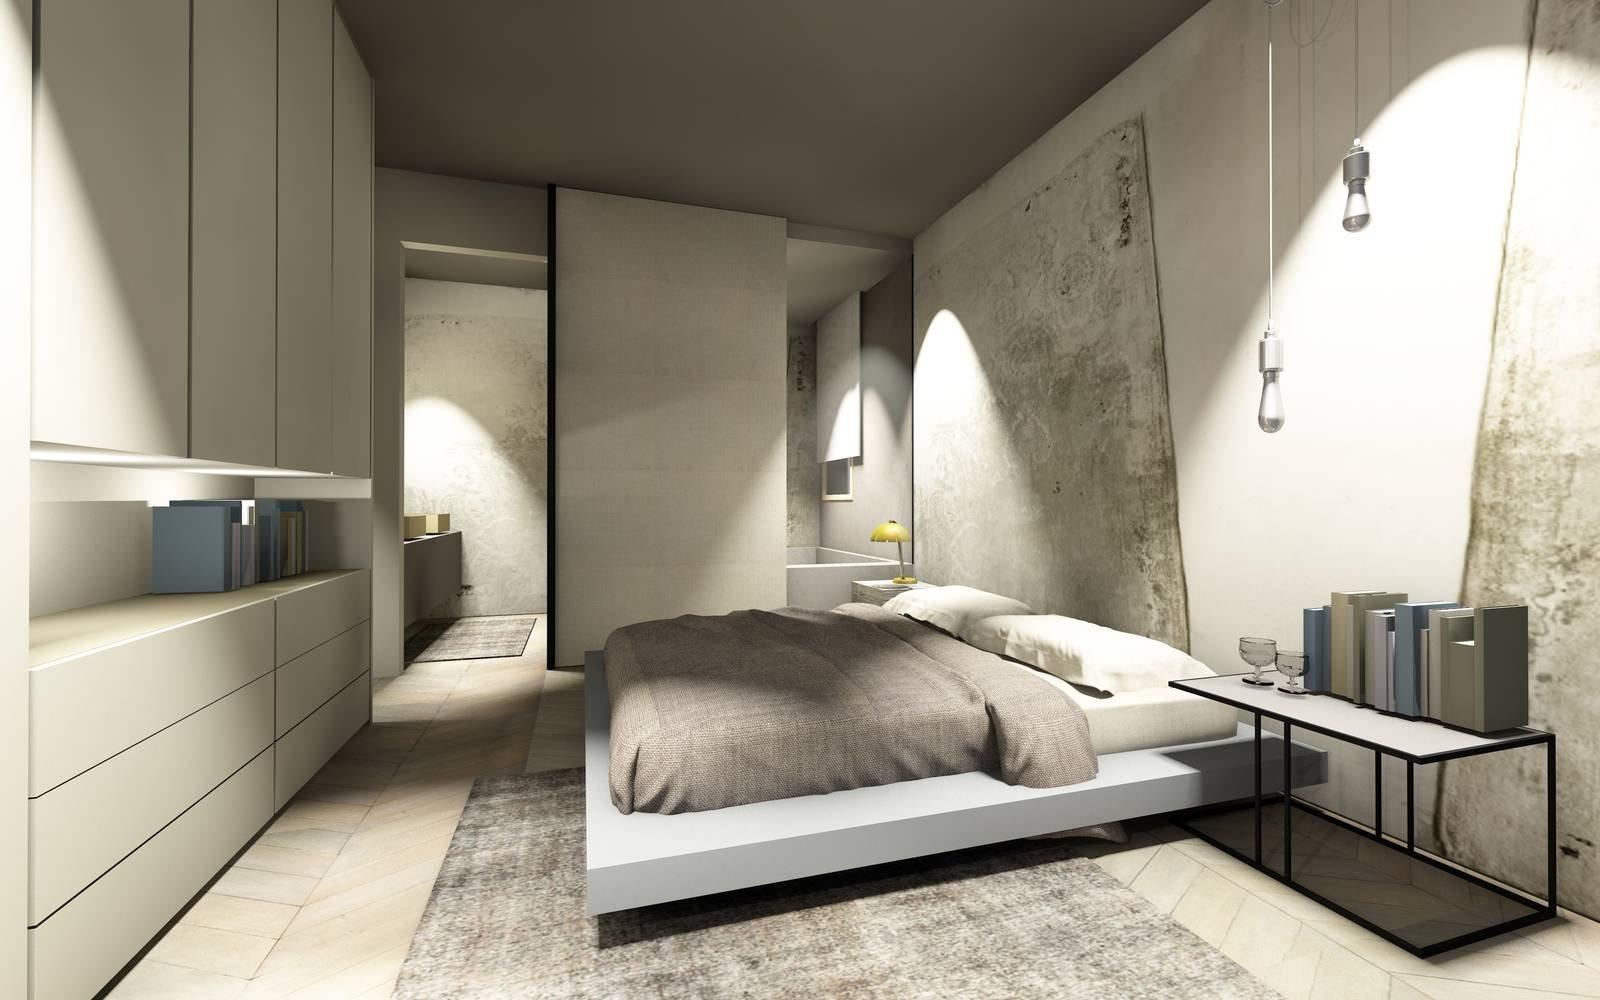 Bagno In Camera Con Vetrata : Bagno in camera: soluzioni deffetto cose di casa